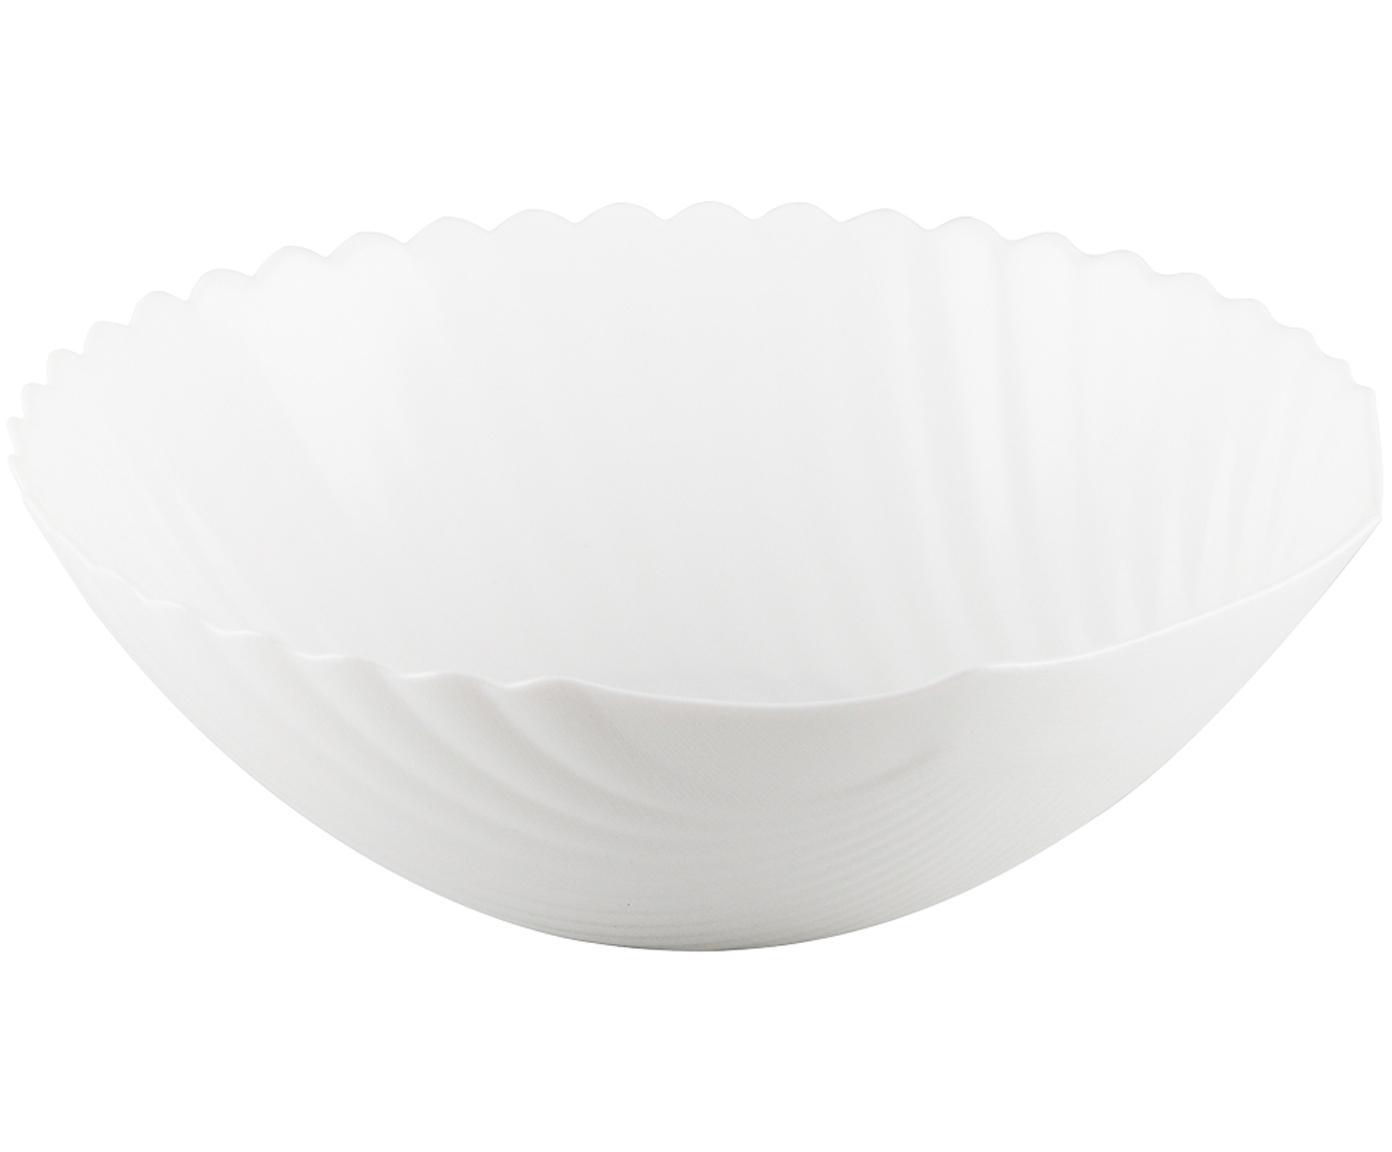 Kom Shell in schelp vorm, Glas, Wit, Ø 24 x H 8 cm